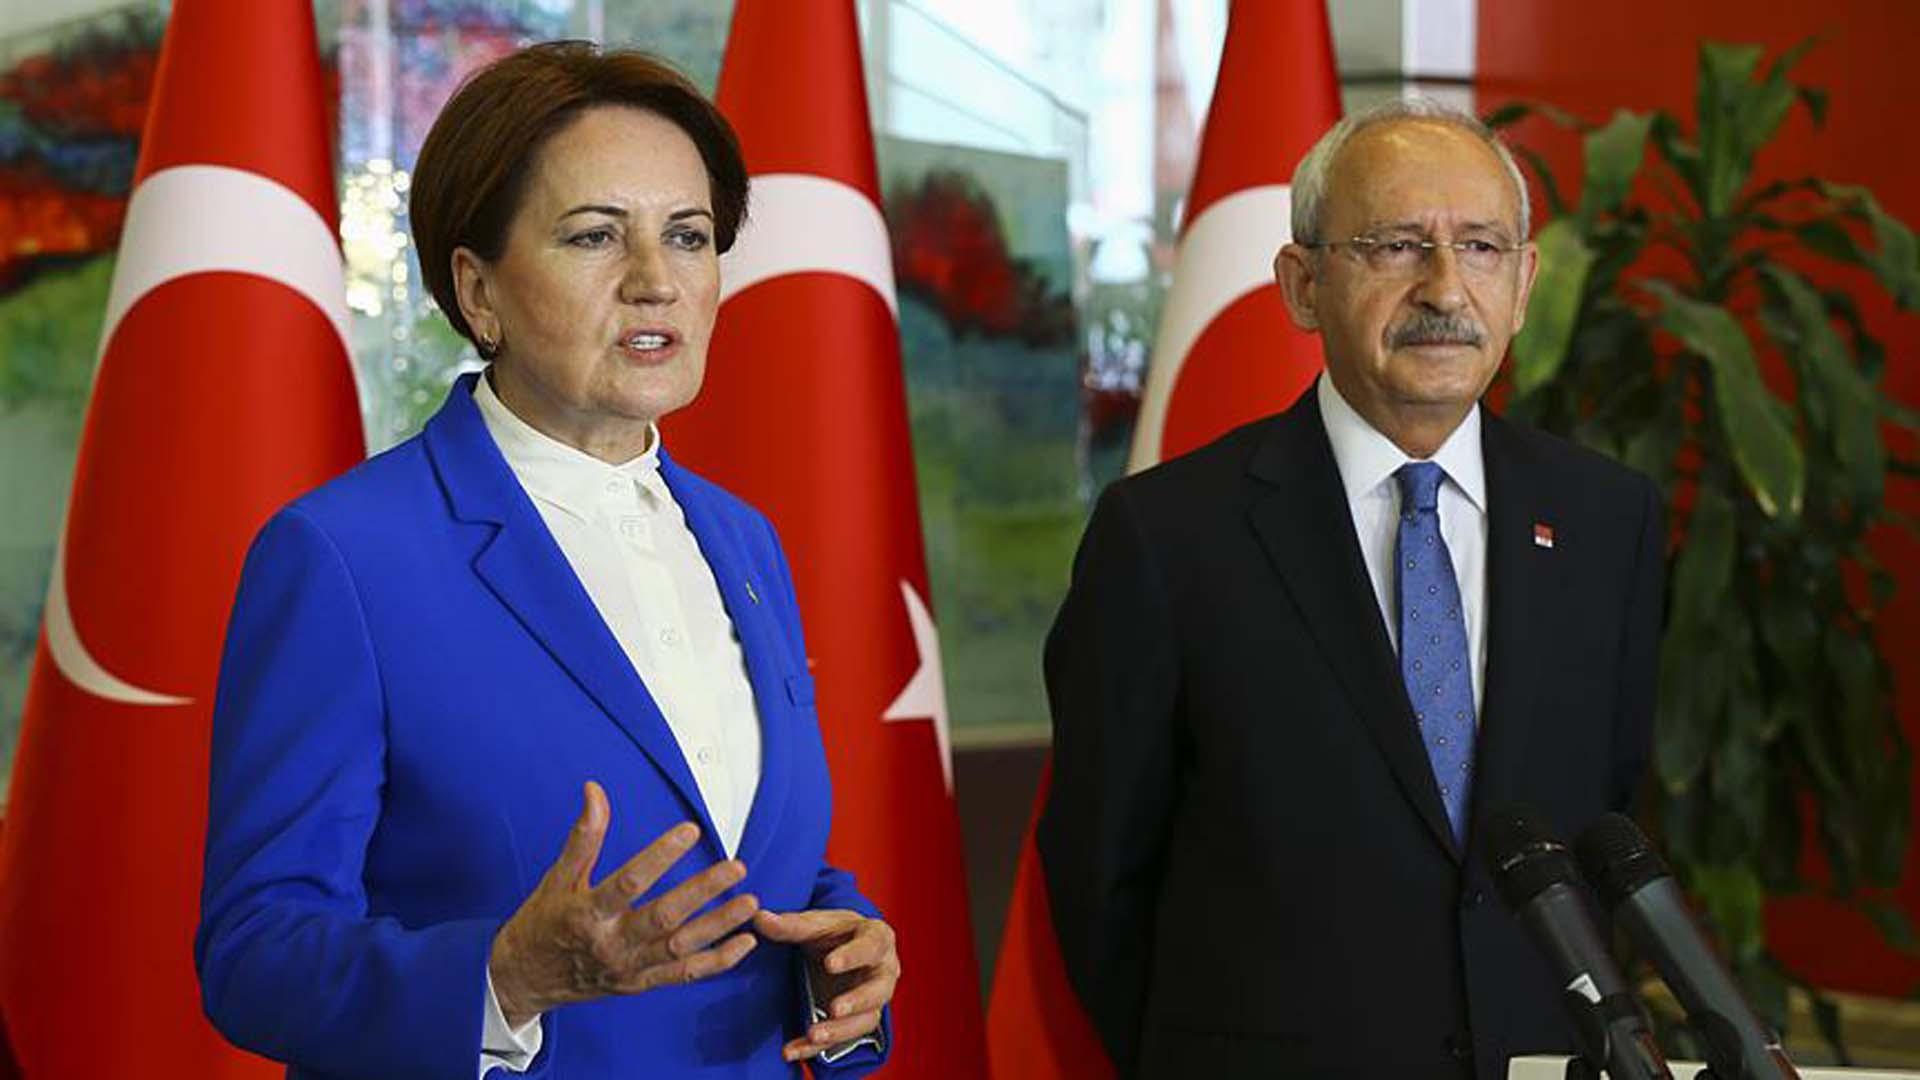 Millet İttifakının planı ortaya çıktı! Kemal Kılıçdaroğlu cumhurbaşkanı, Akşener başbakan adayı olacak!